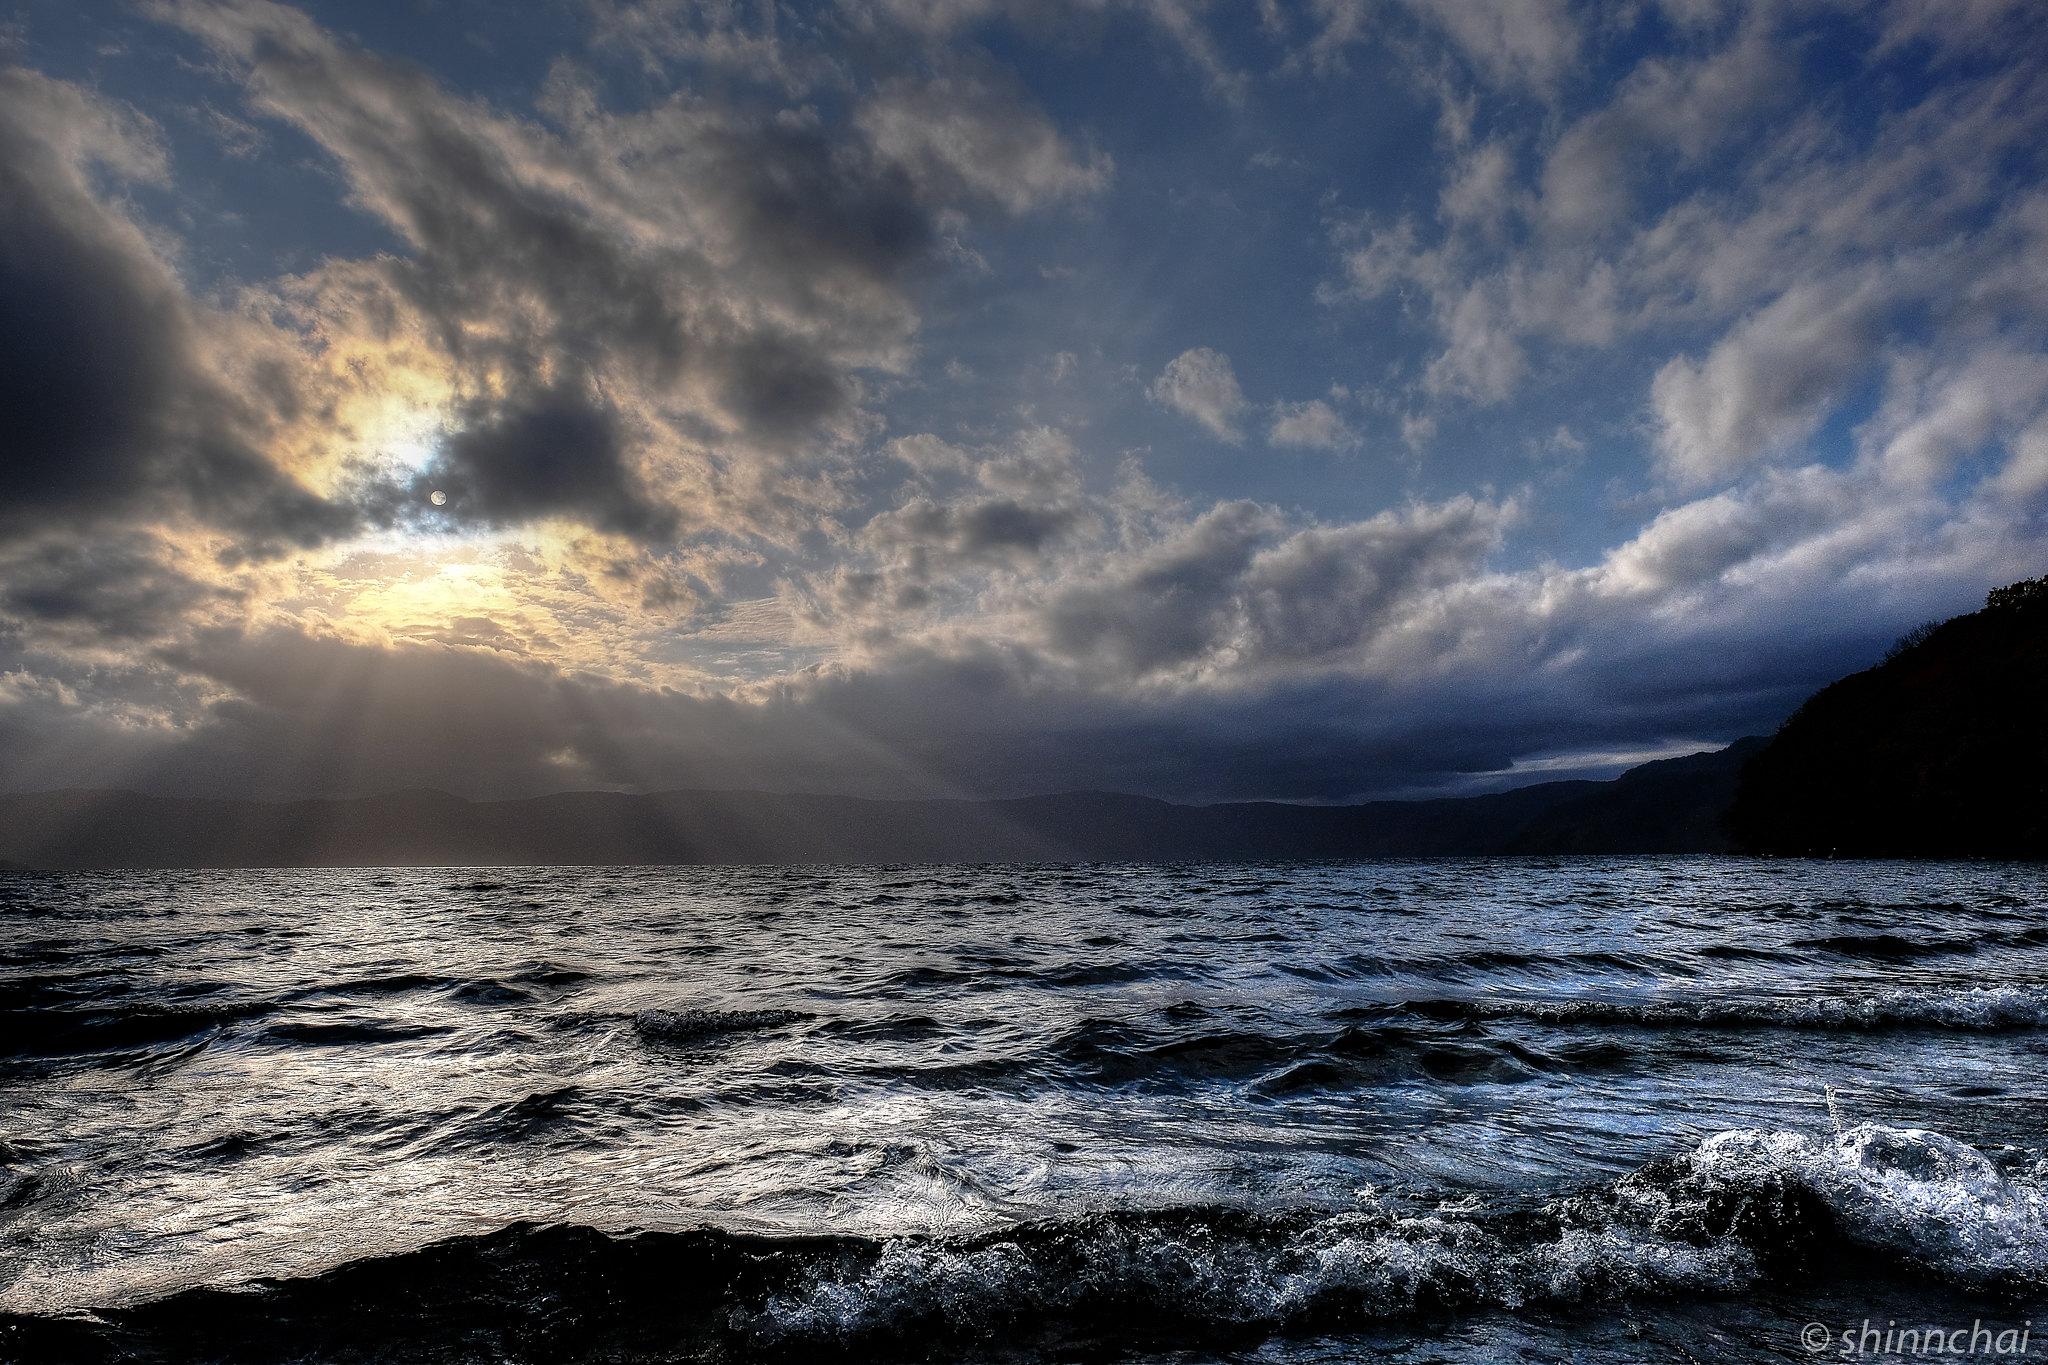 ズームレンズ 単焦点レンズ 比較画像 旅行 青森 十和田湖